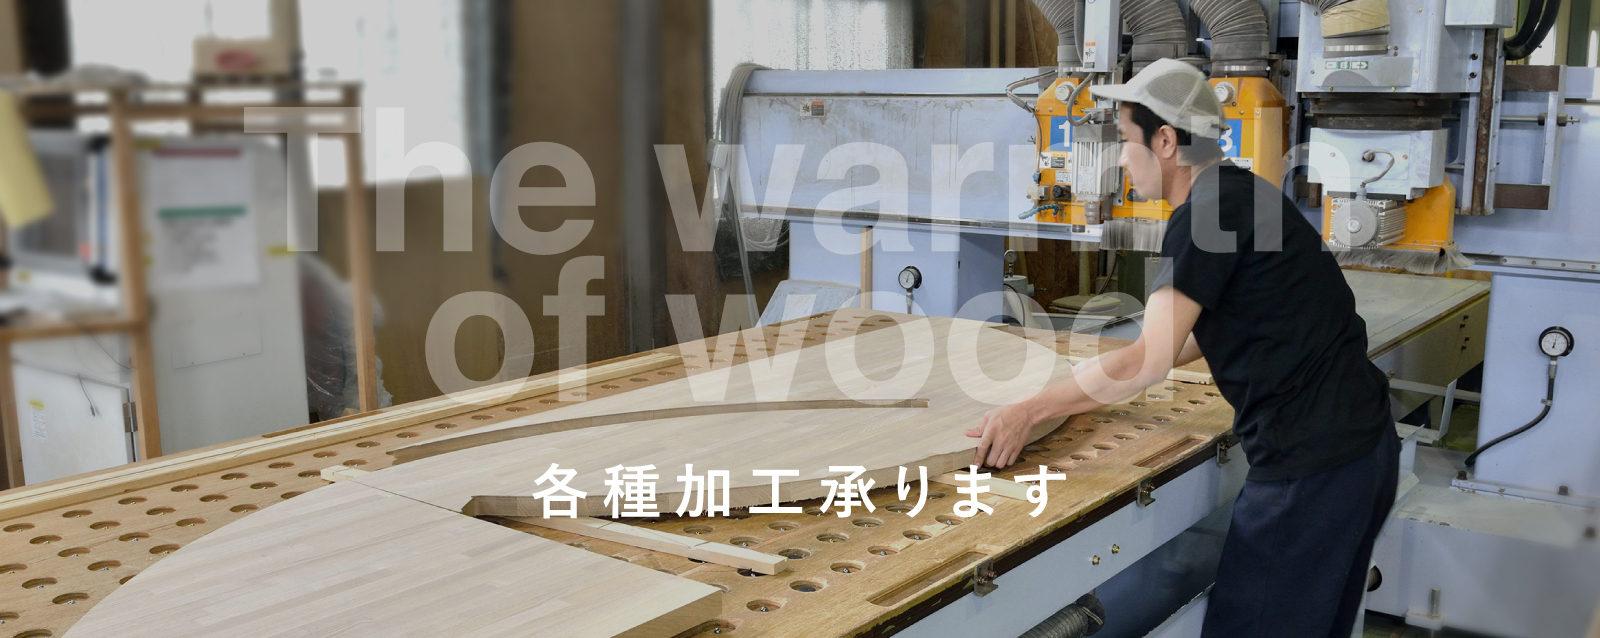 材木商店 加工工場